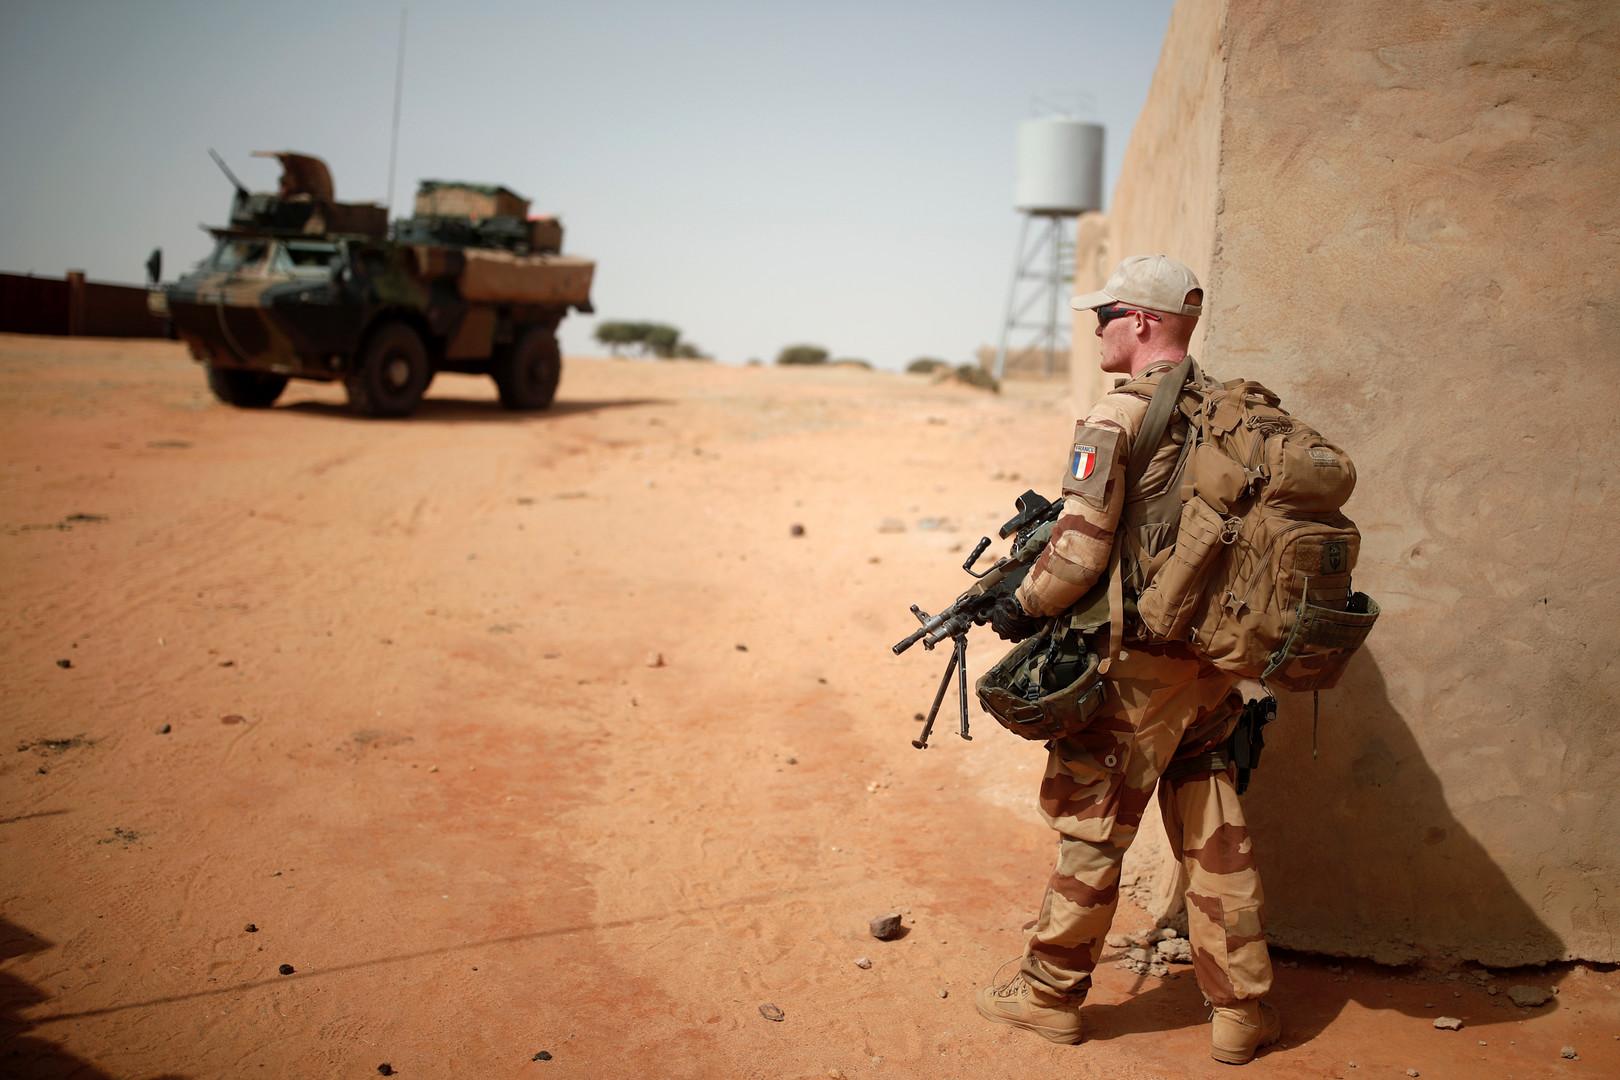 متشددون في مالي يأسفون لانفجار لغم زرعوه للقوات الفرنسية بحافلة ركاب